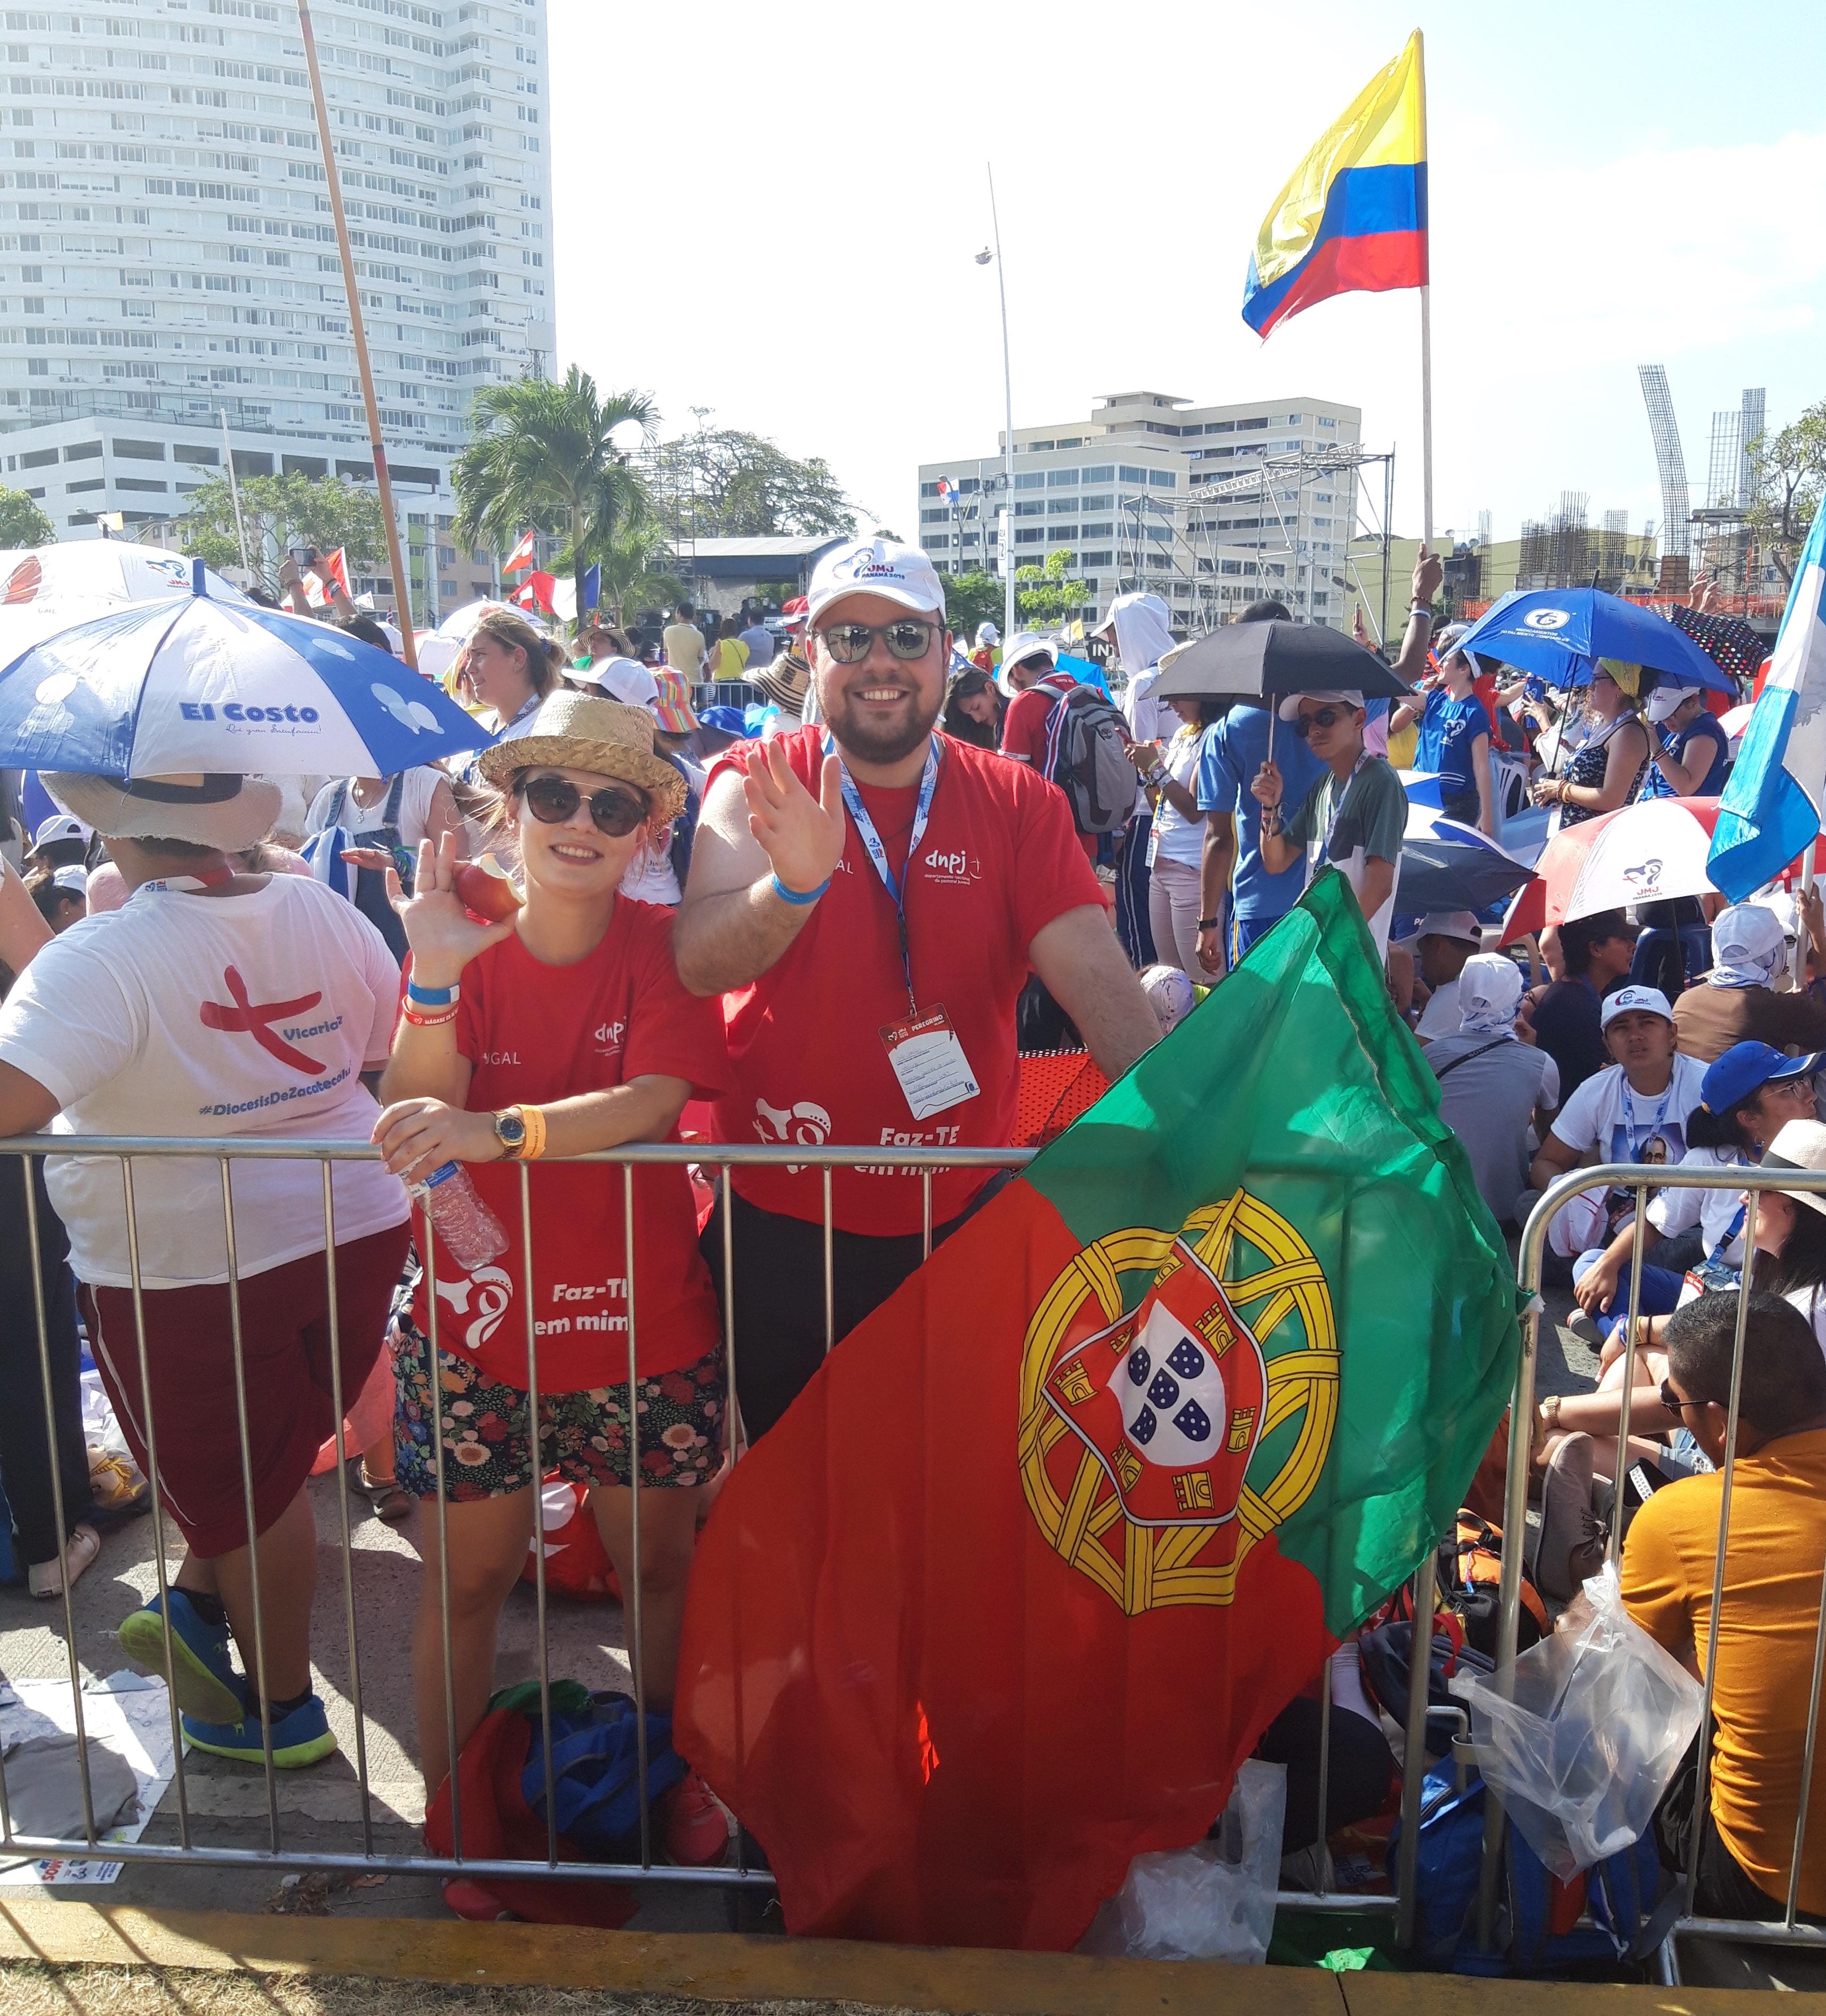 Peregrinos de Portugal en la JMJ de Panamá 2019 © Zenit